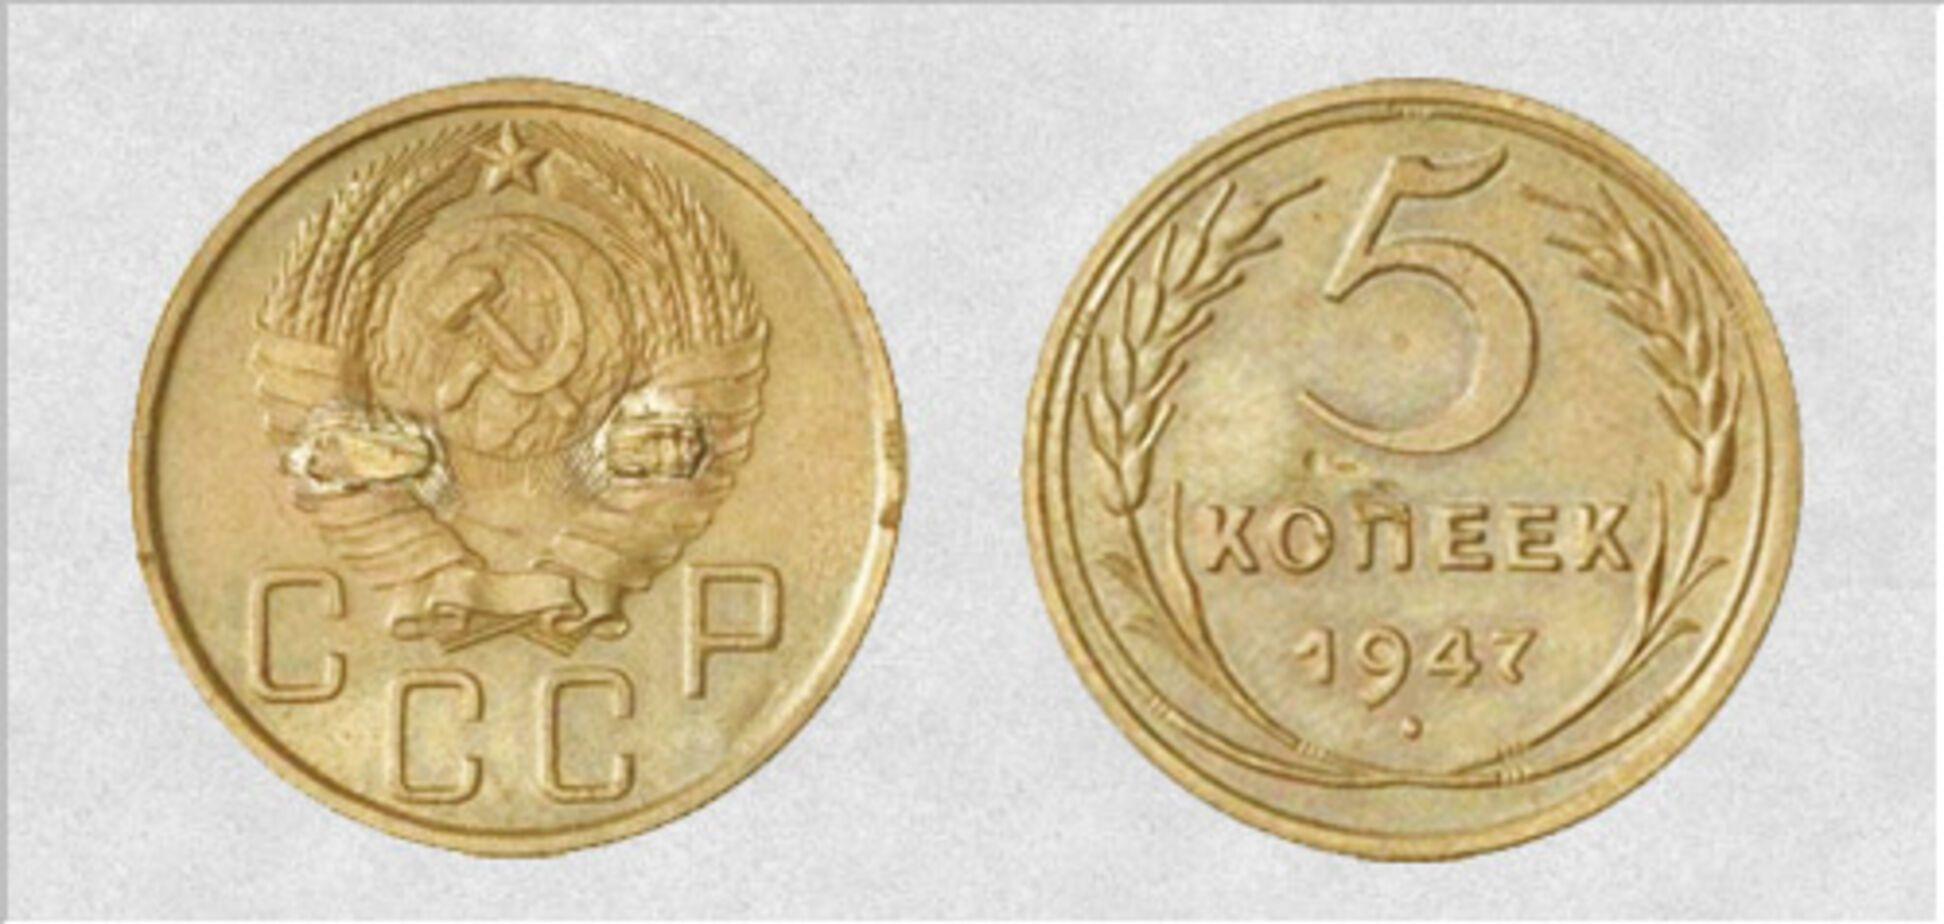 Монеты СССР, которые можно продать за целое состояние: как выглядят и сколько стоят